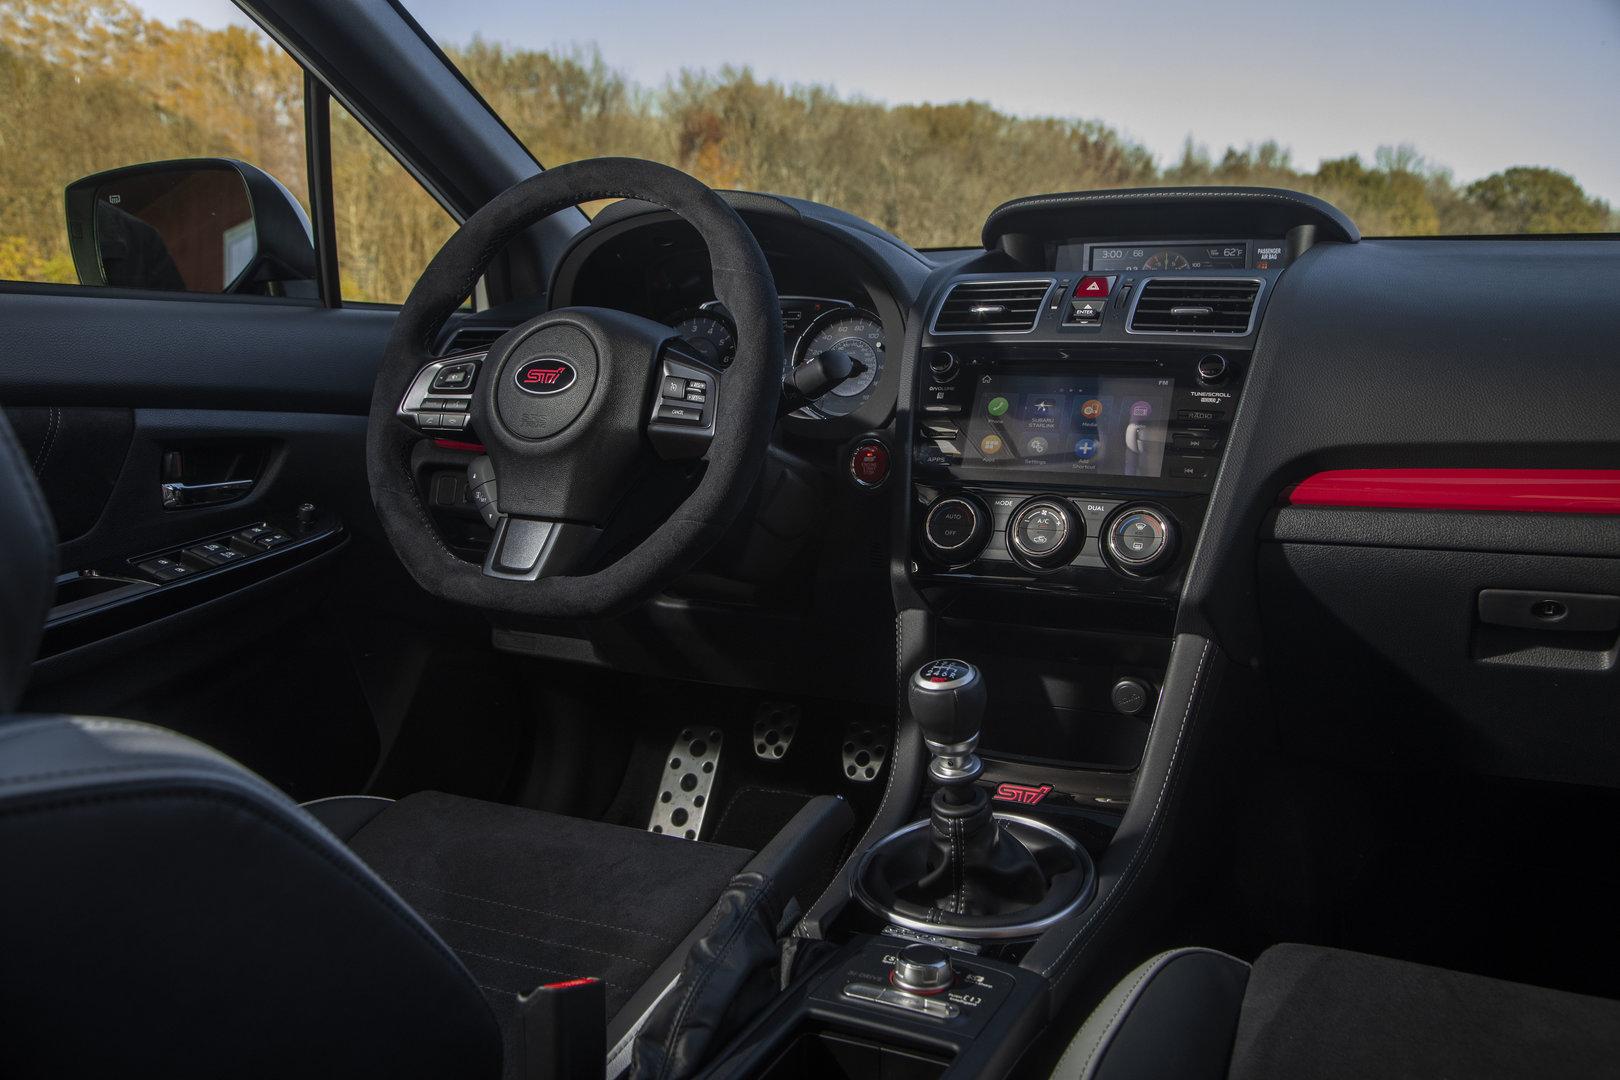 2020 Subaru WRX STI S209 18